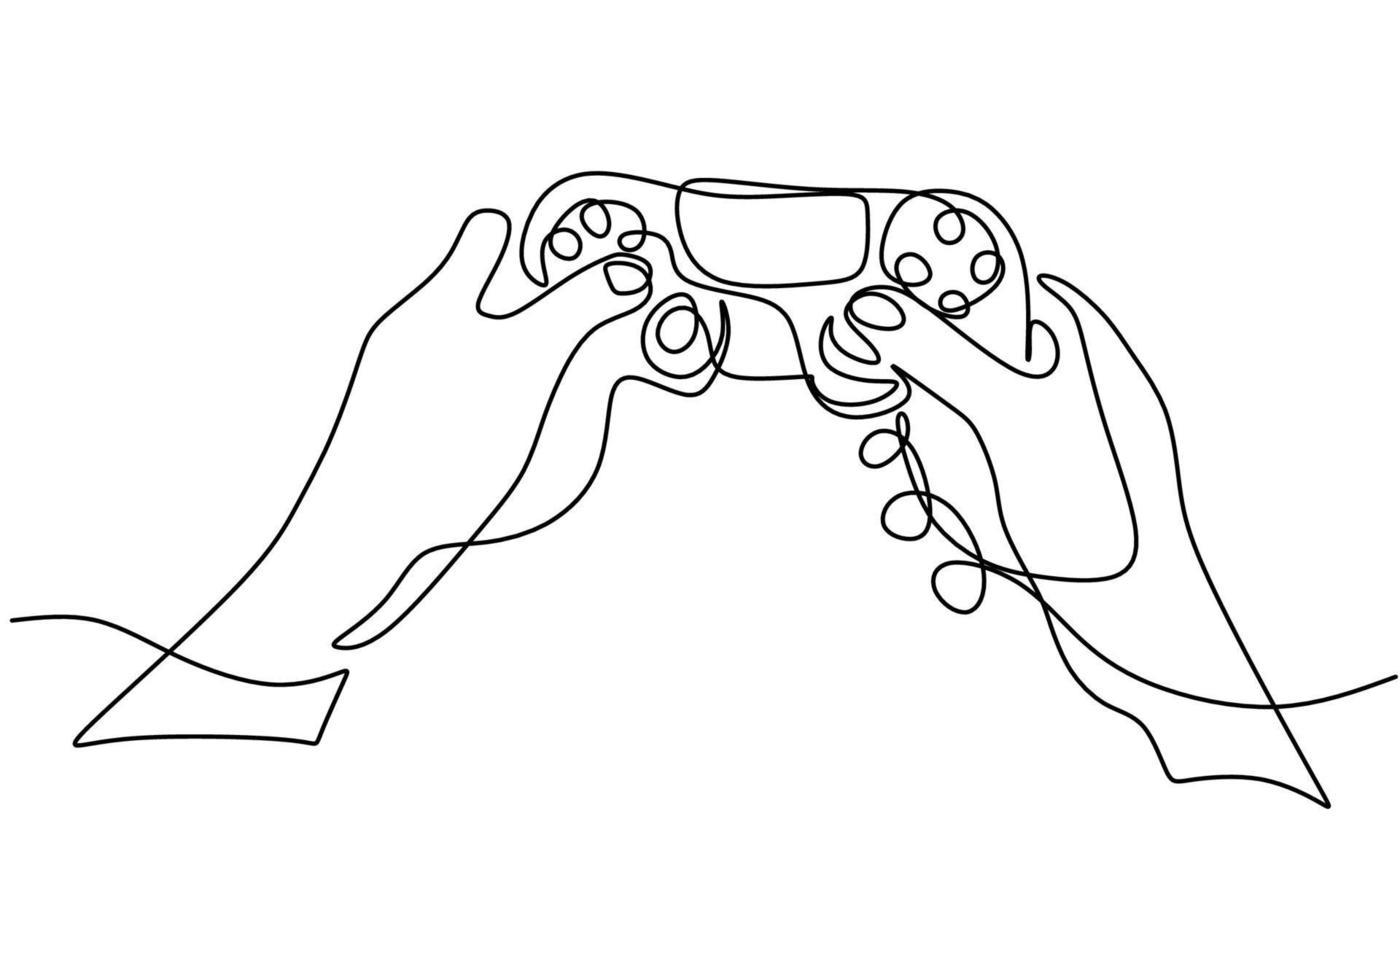 uma única linha contínua de desenho de mãos com joystick. vetor